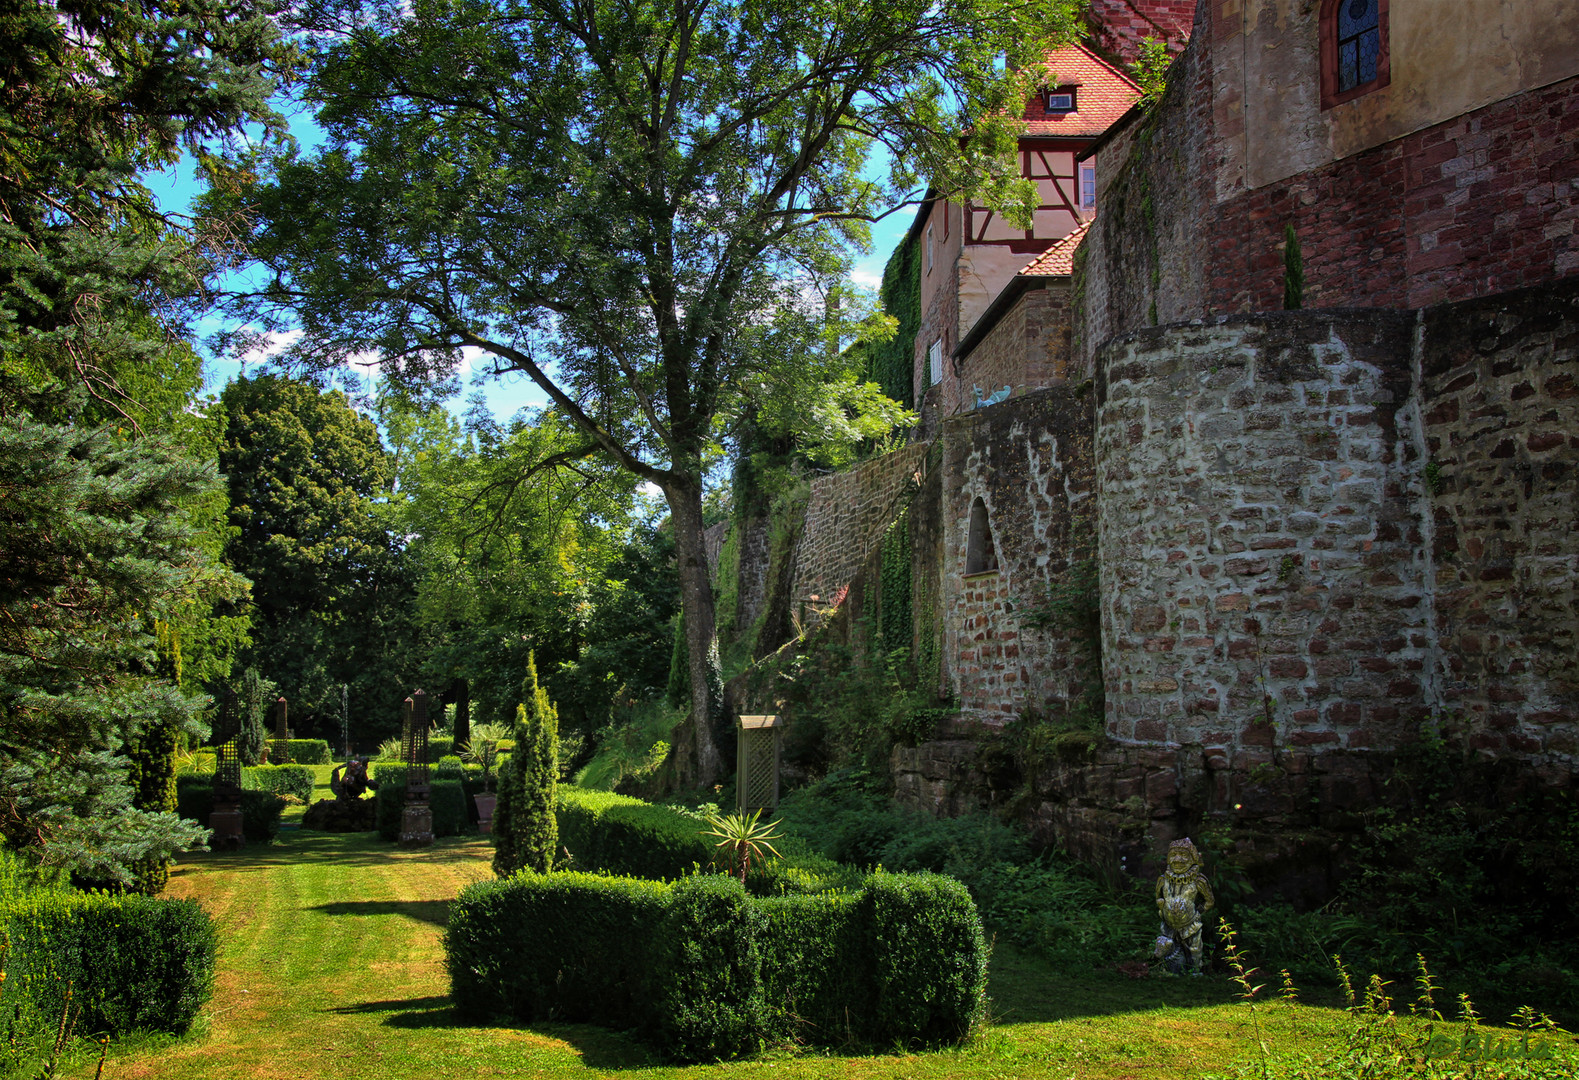 Burgpark der Gamburg